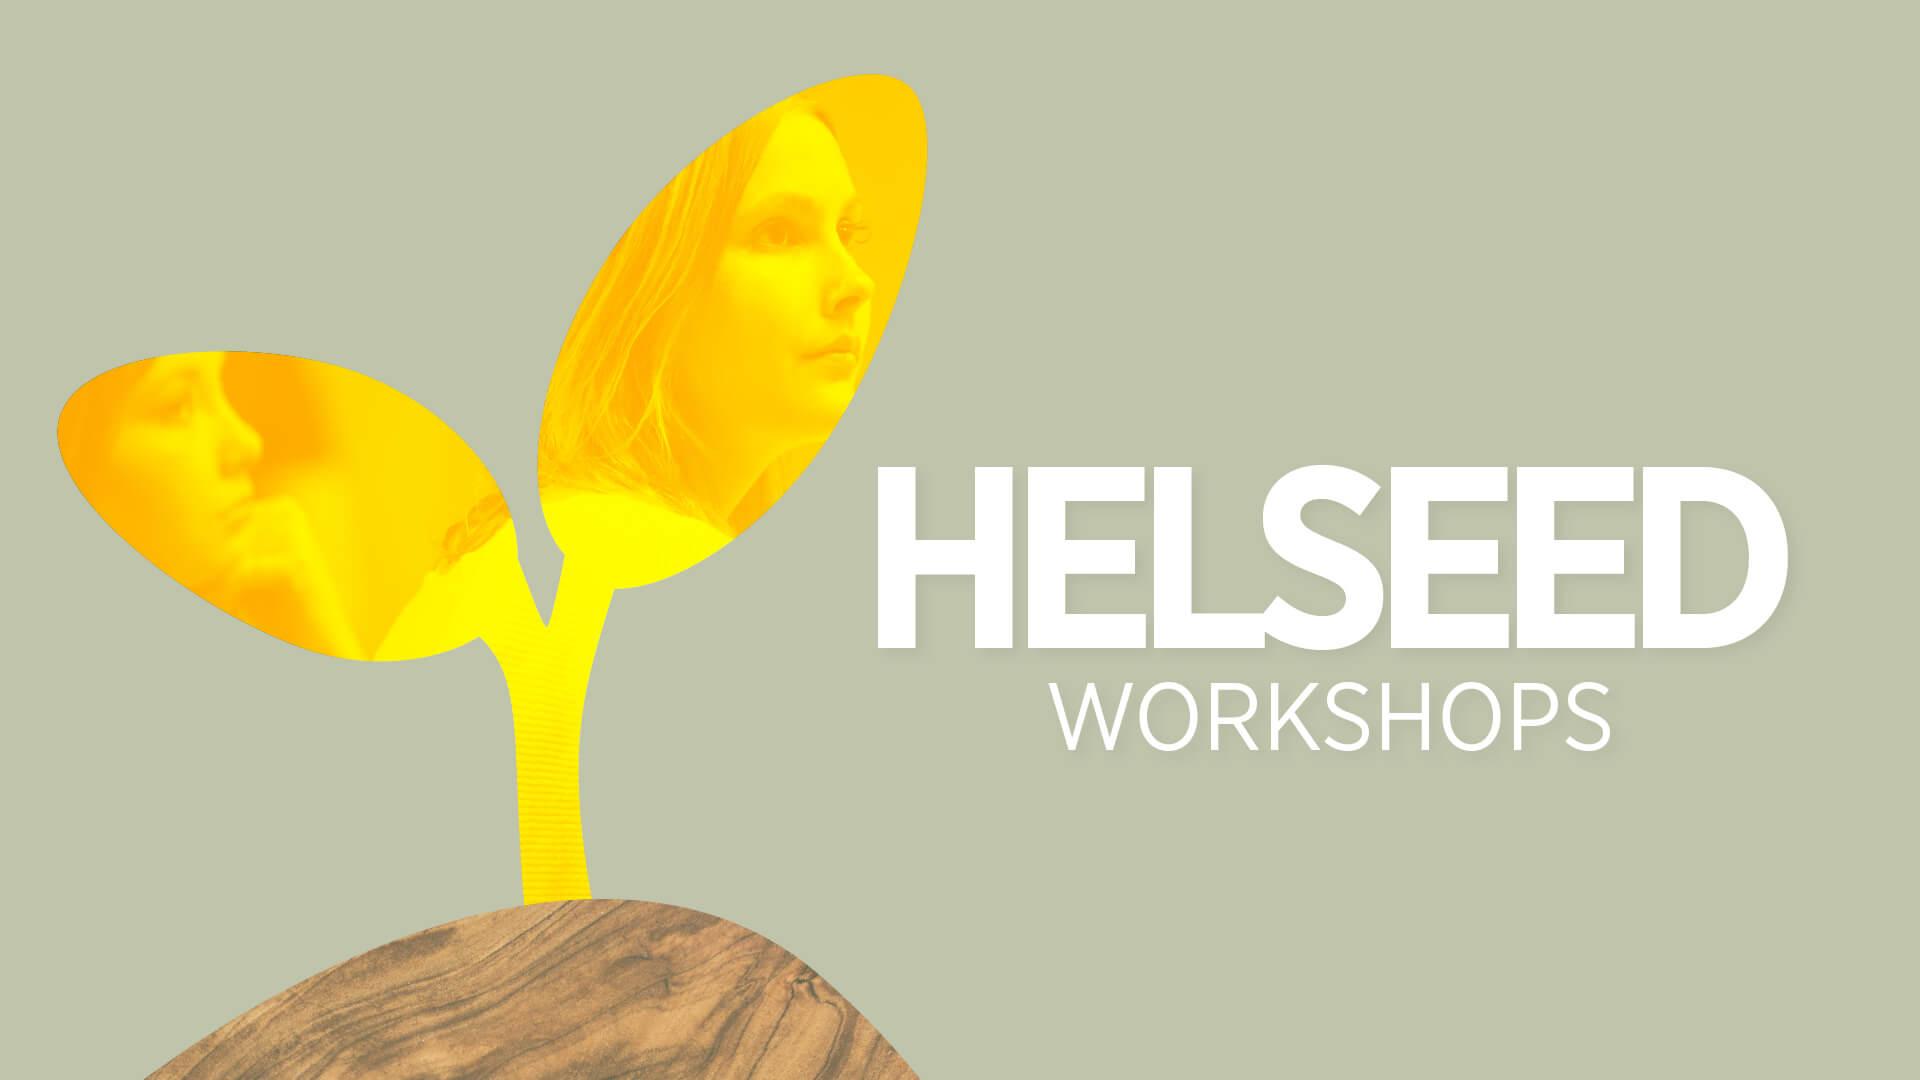 Helseed program visual